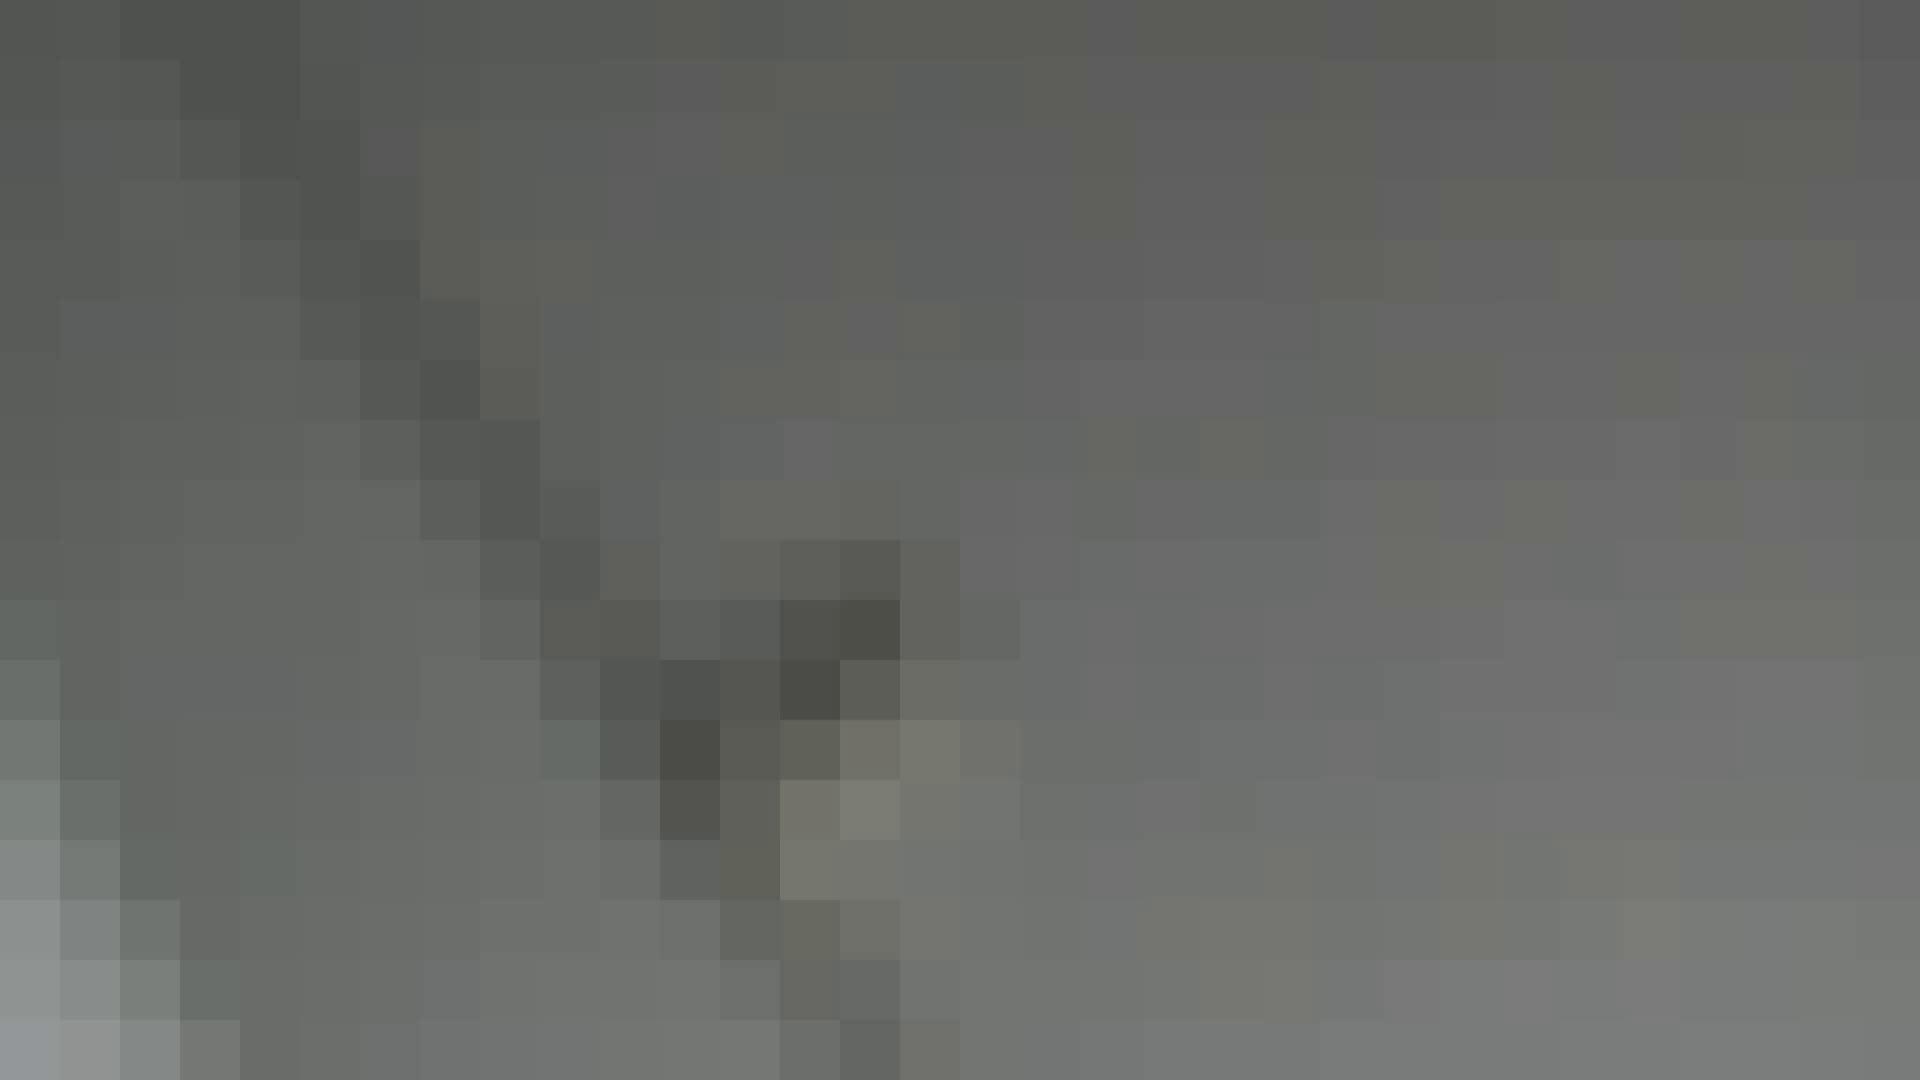 洗面所特攻隊 vol.002今回も鮮明です OL  86pic 7